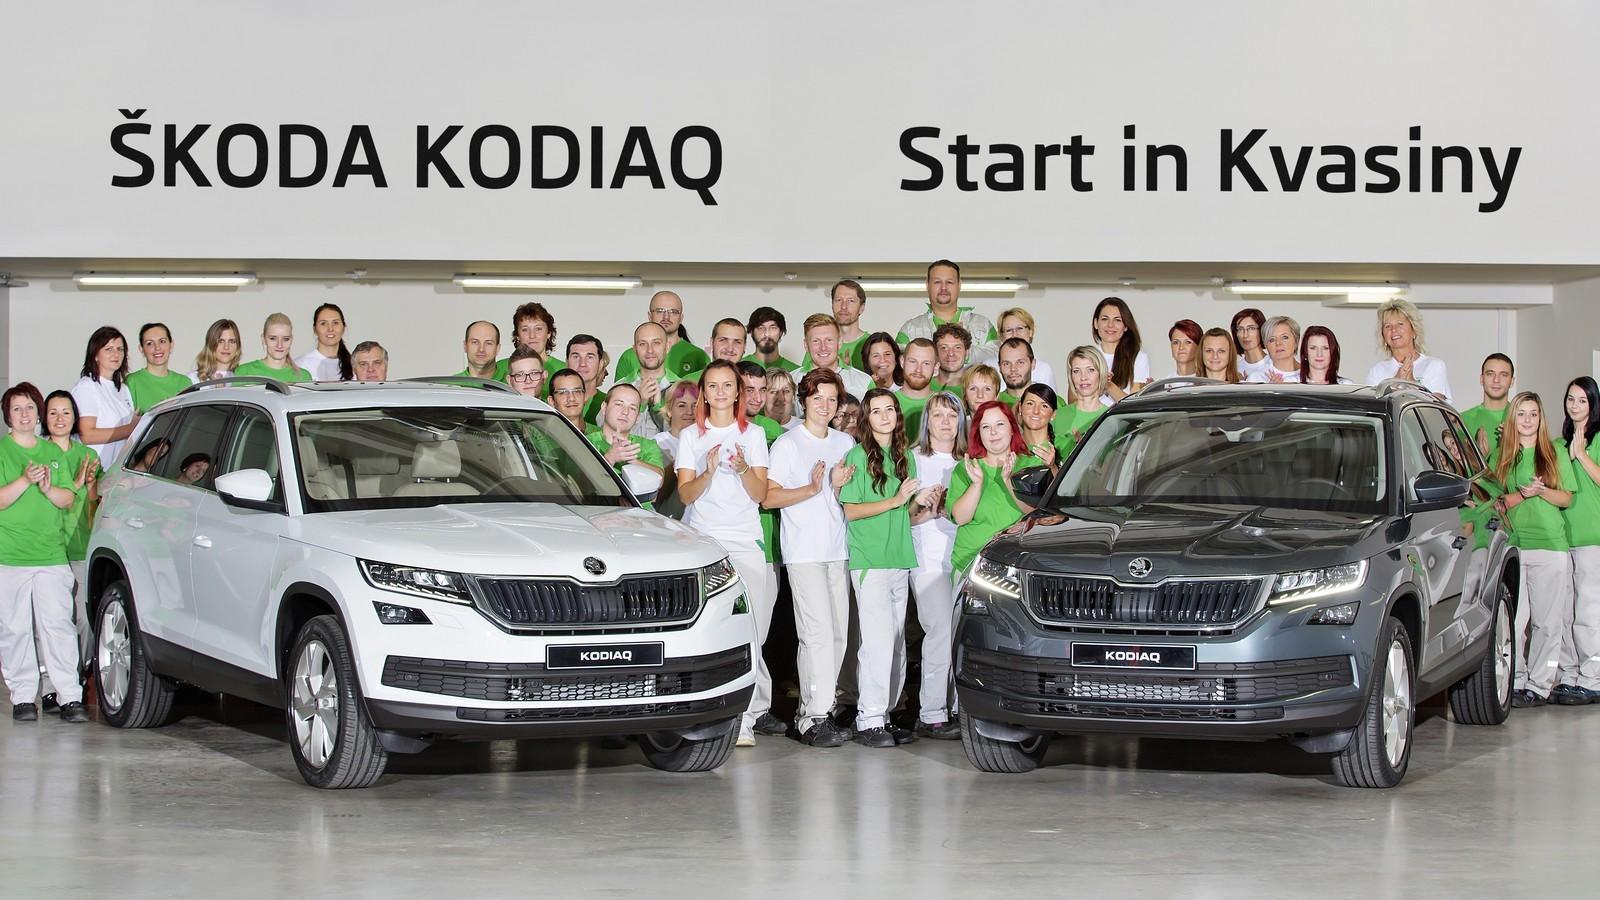 SKODA-KODIAQ-Production-Kvasiny-1